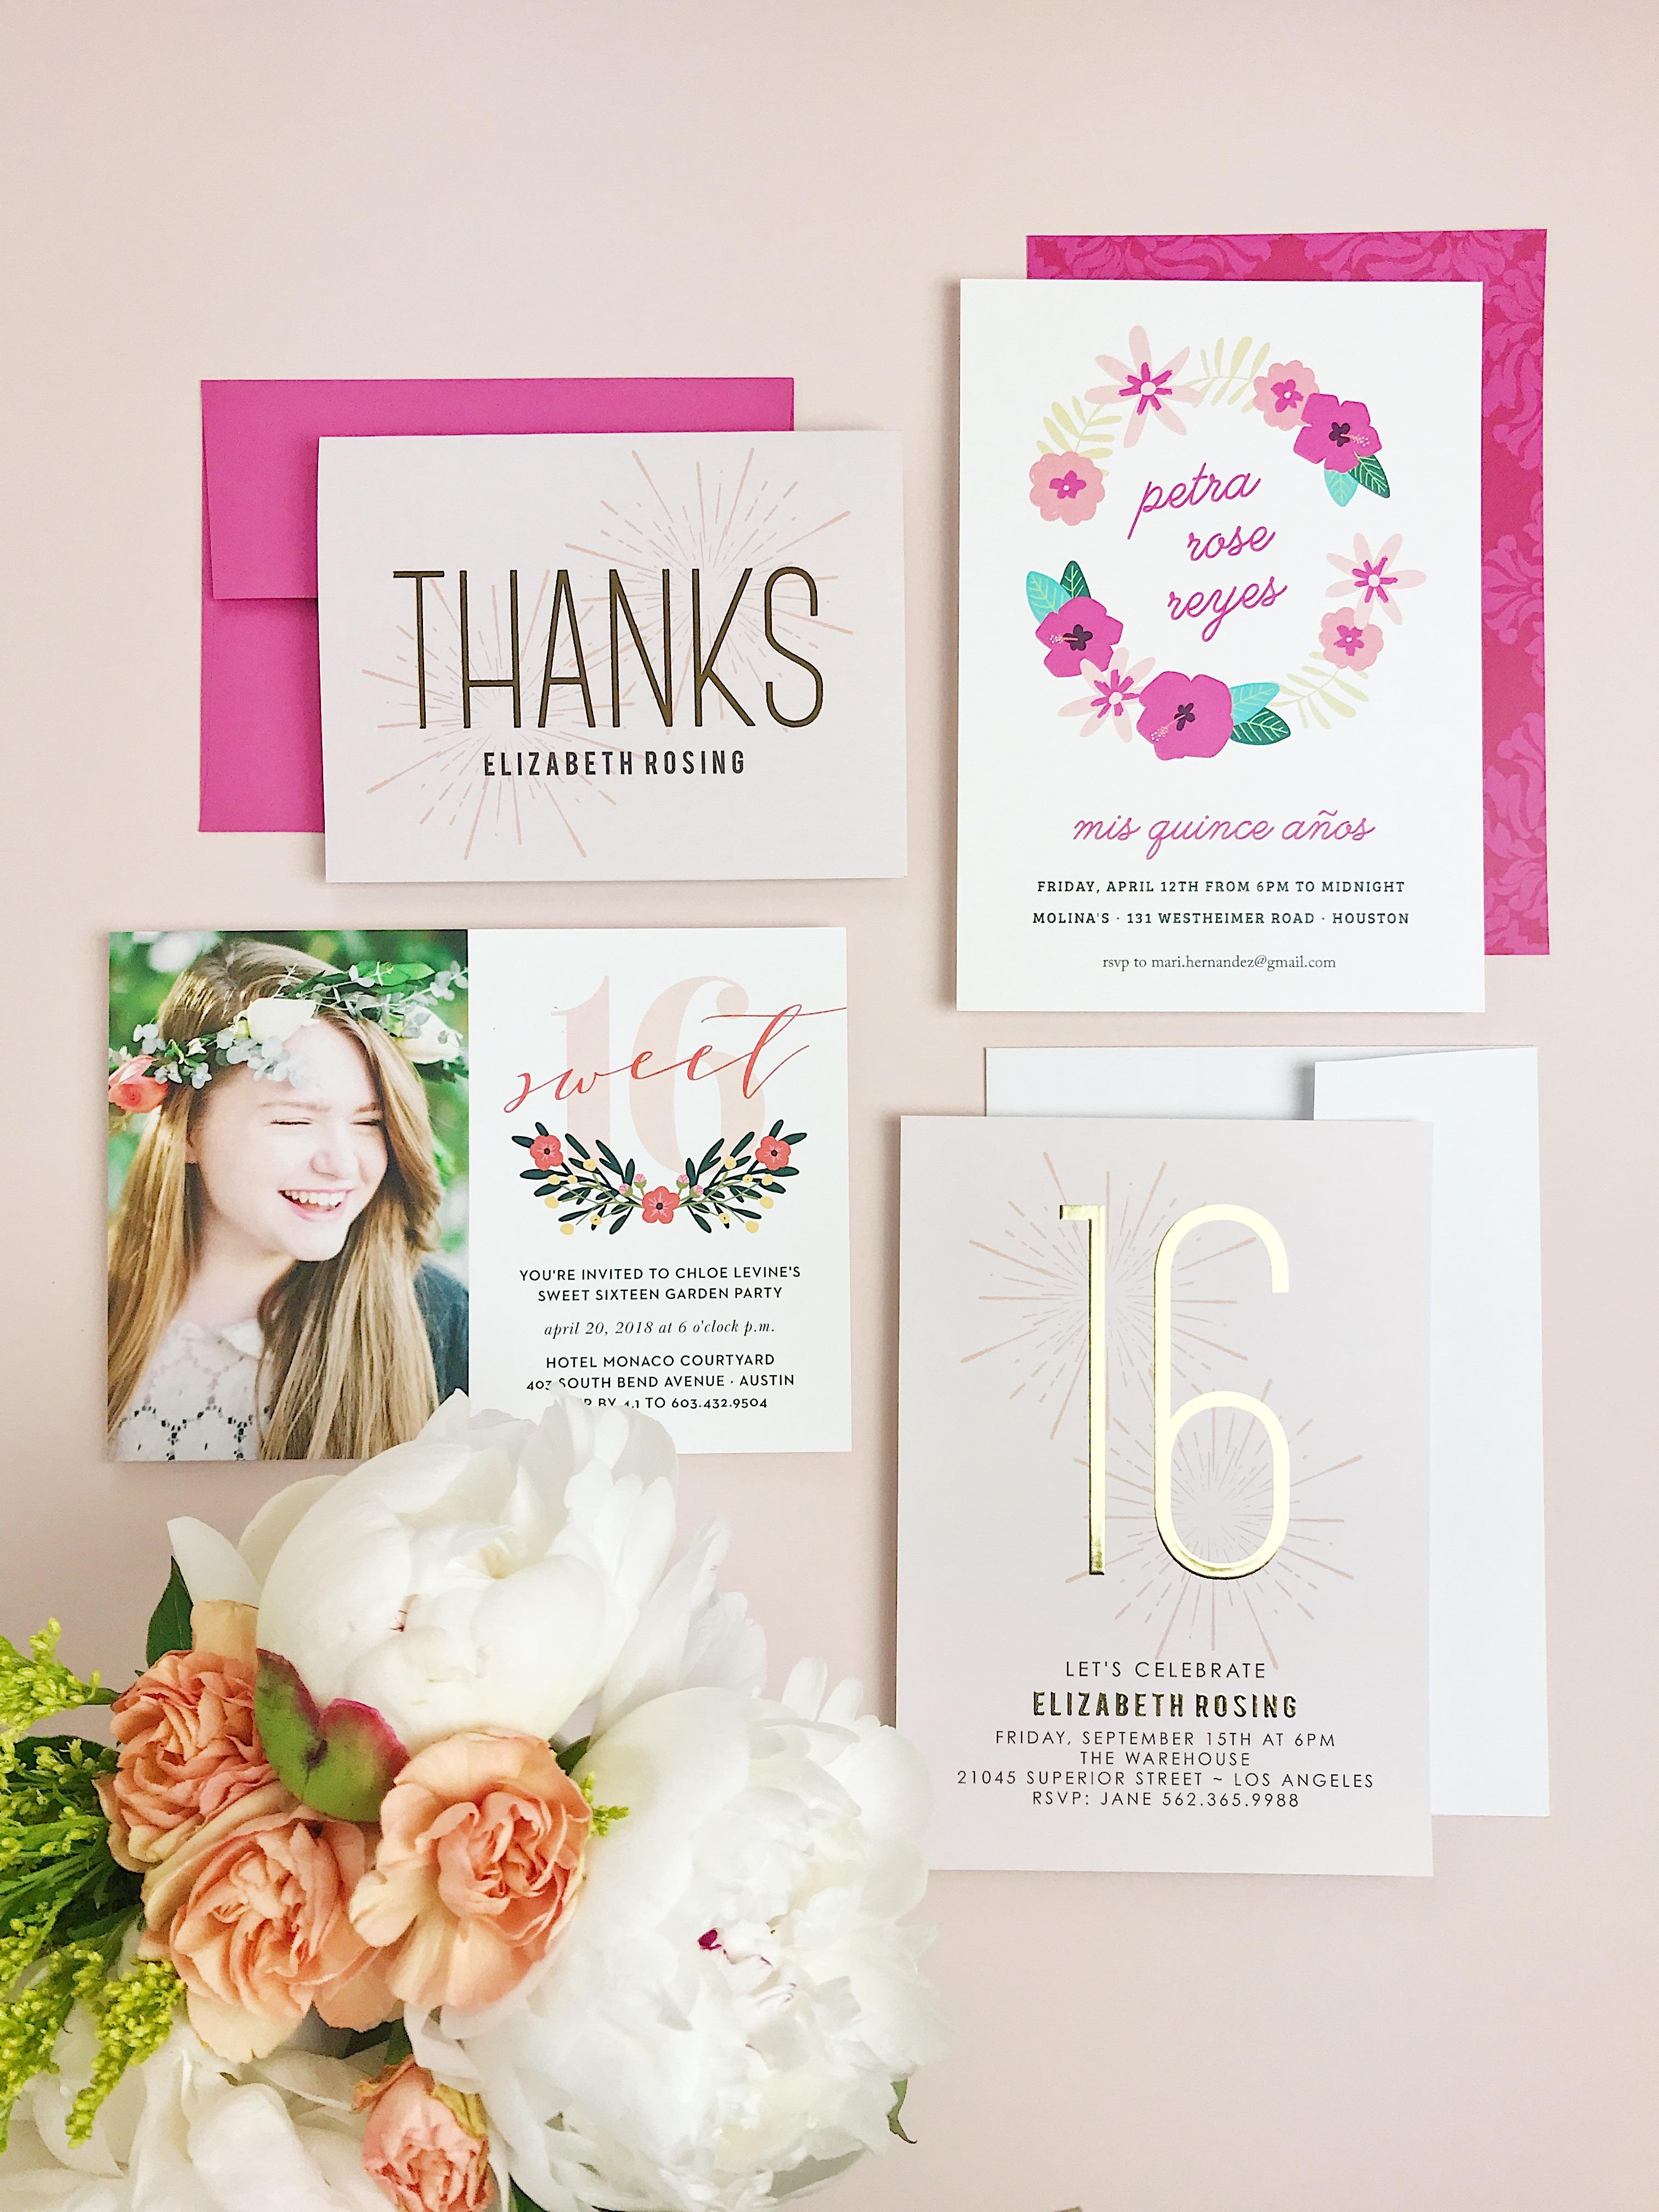 Basic_Invite_Birthday_invitations_envelope